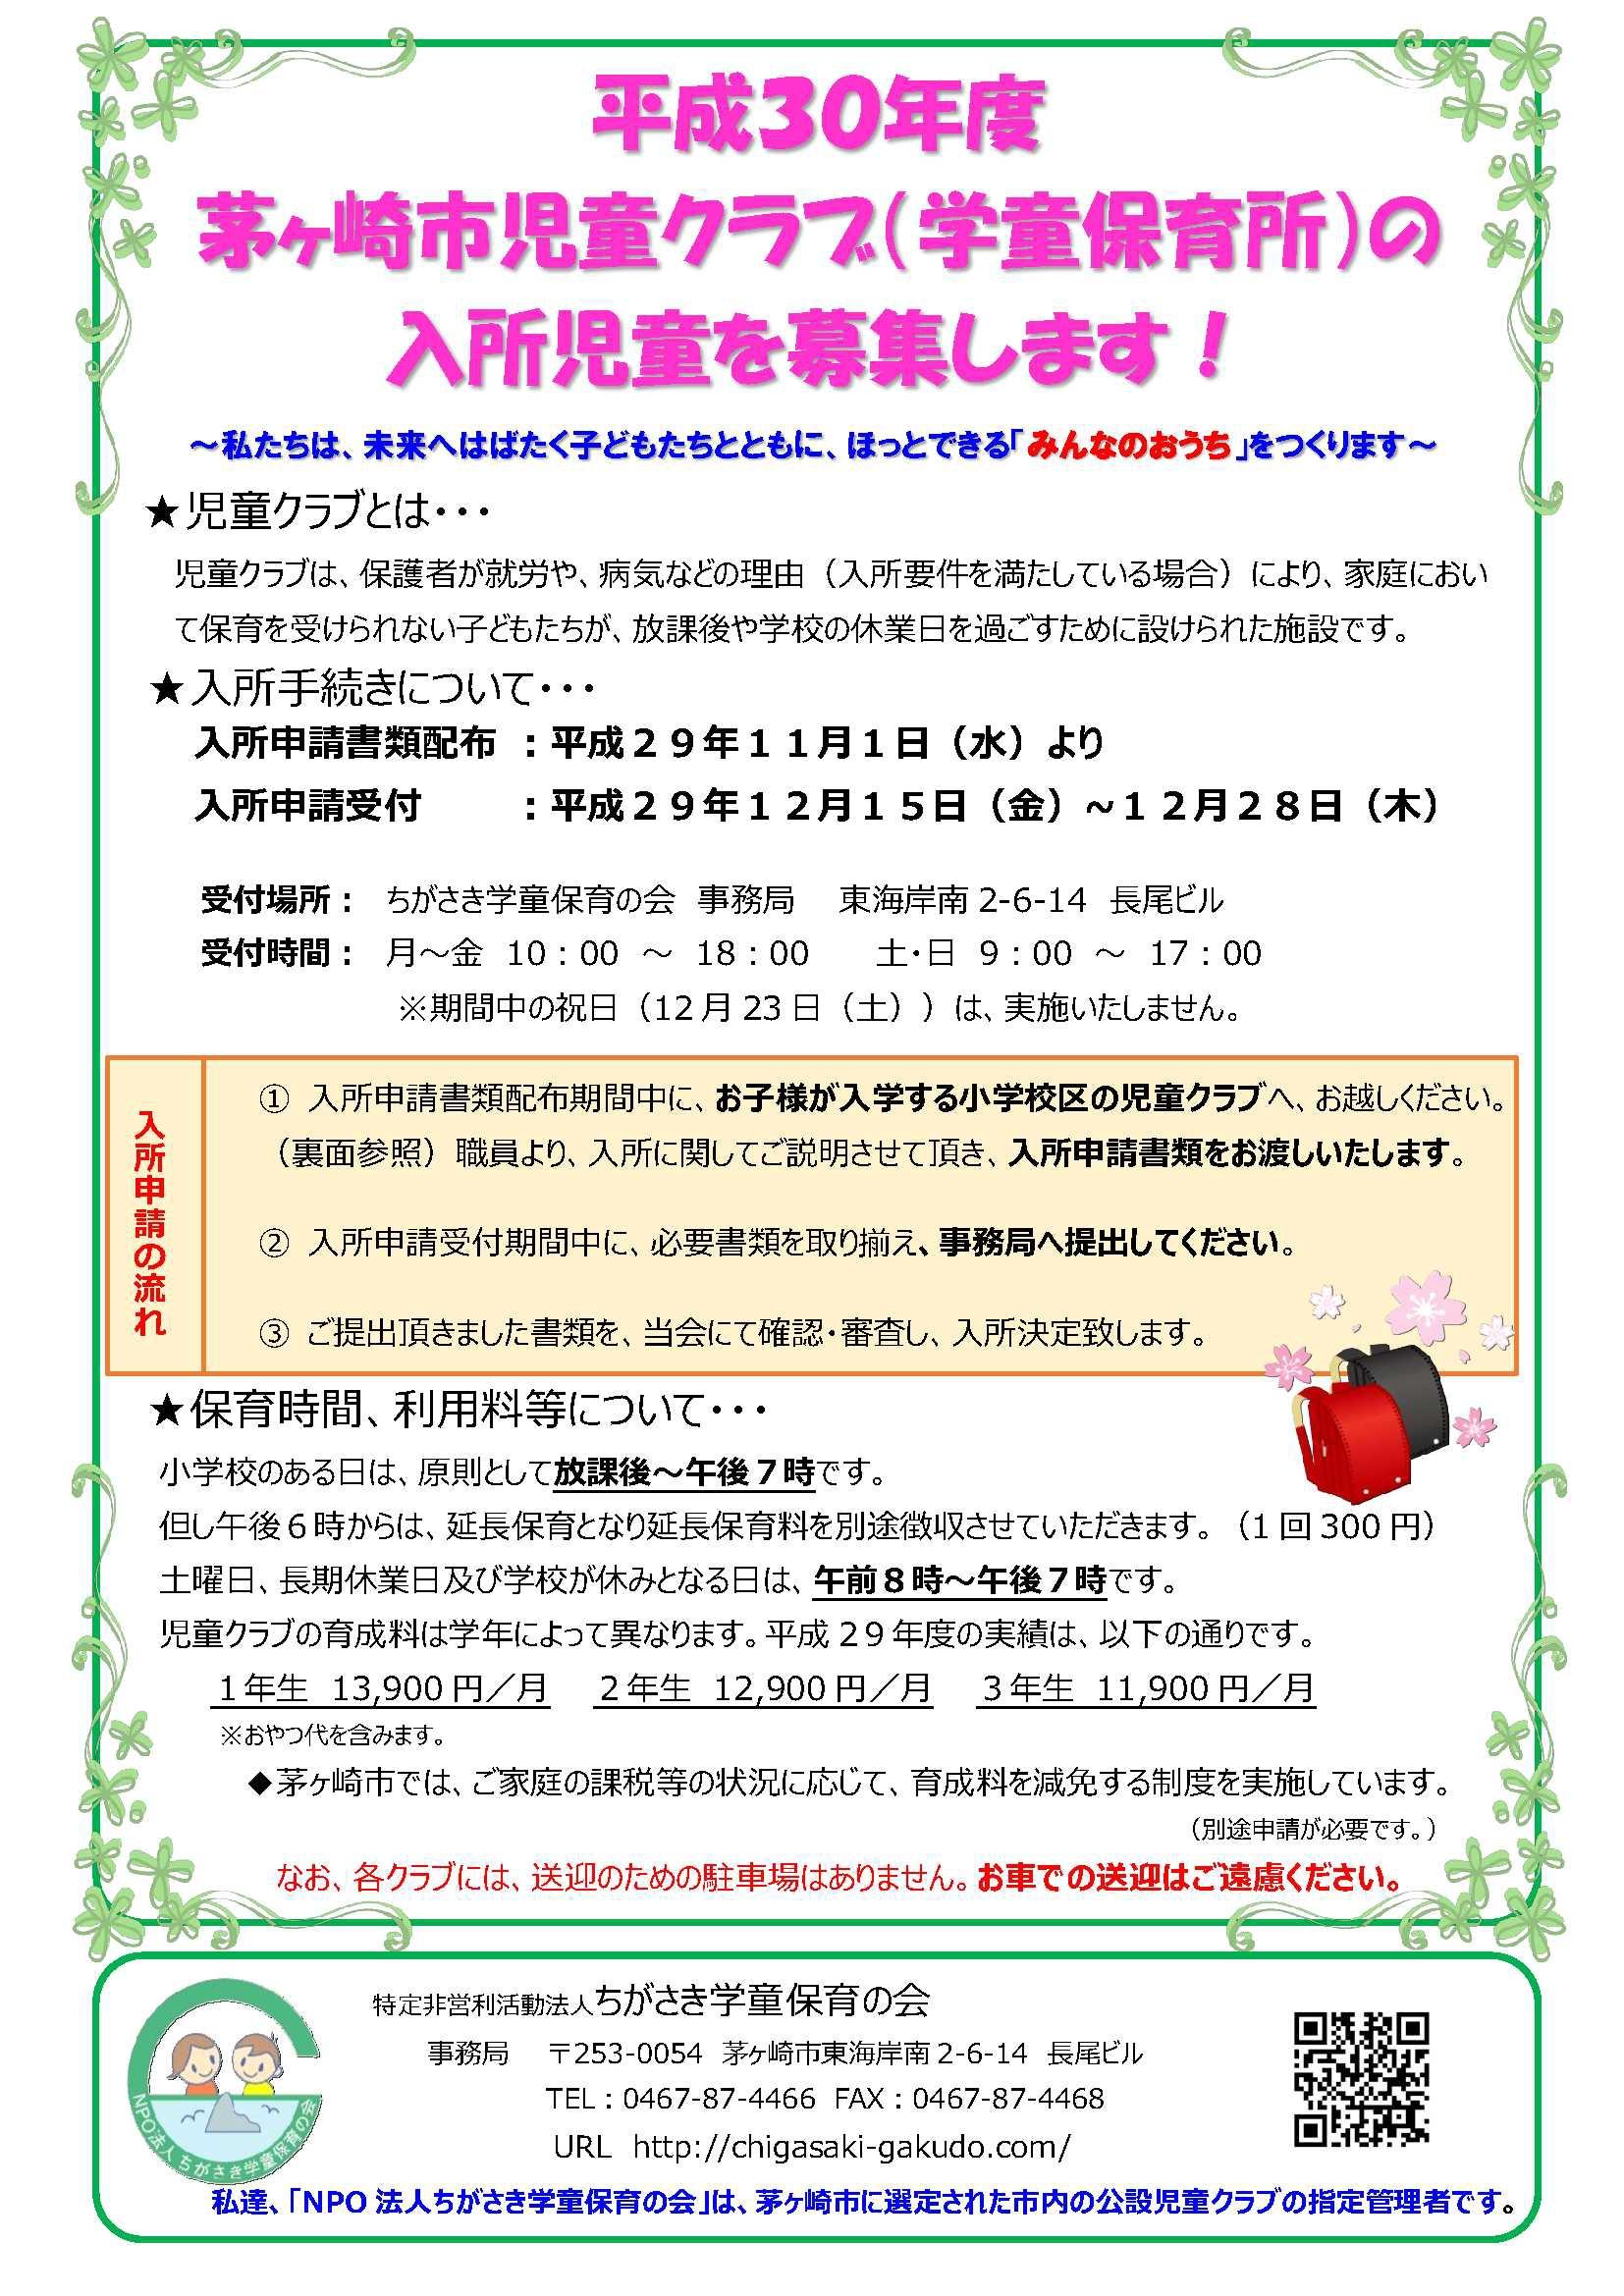 30年度チラシ(健康診断時)_表.jpg